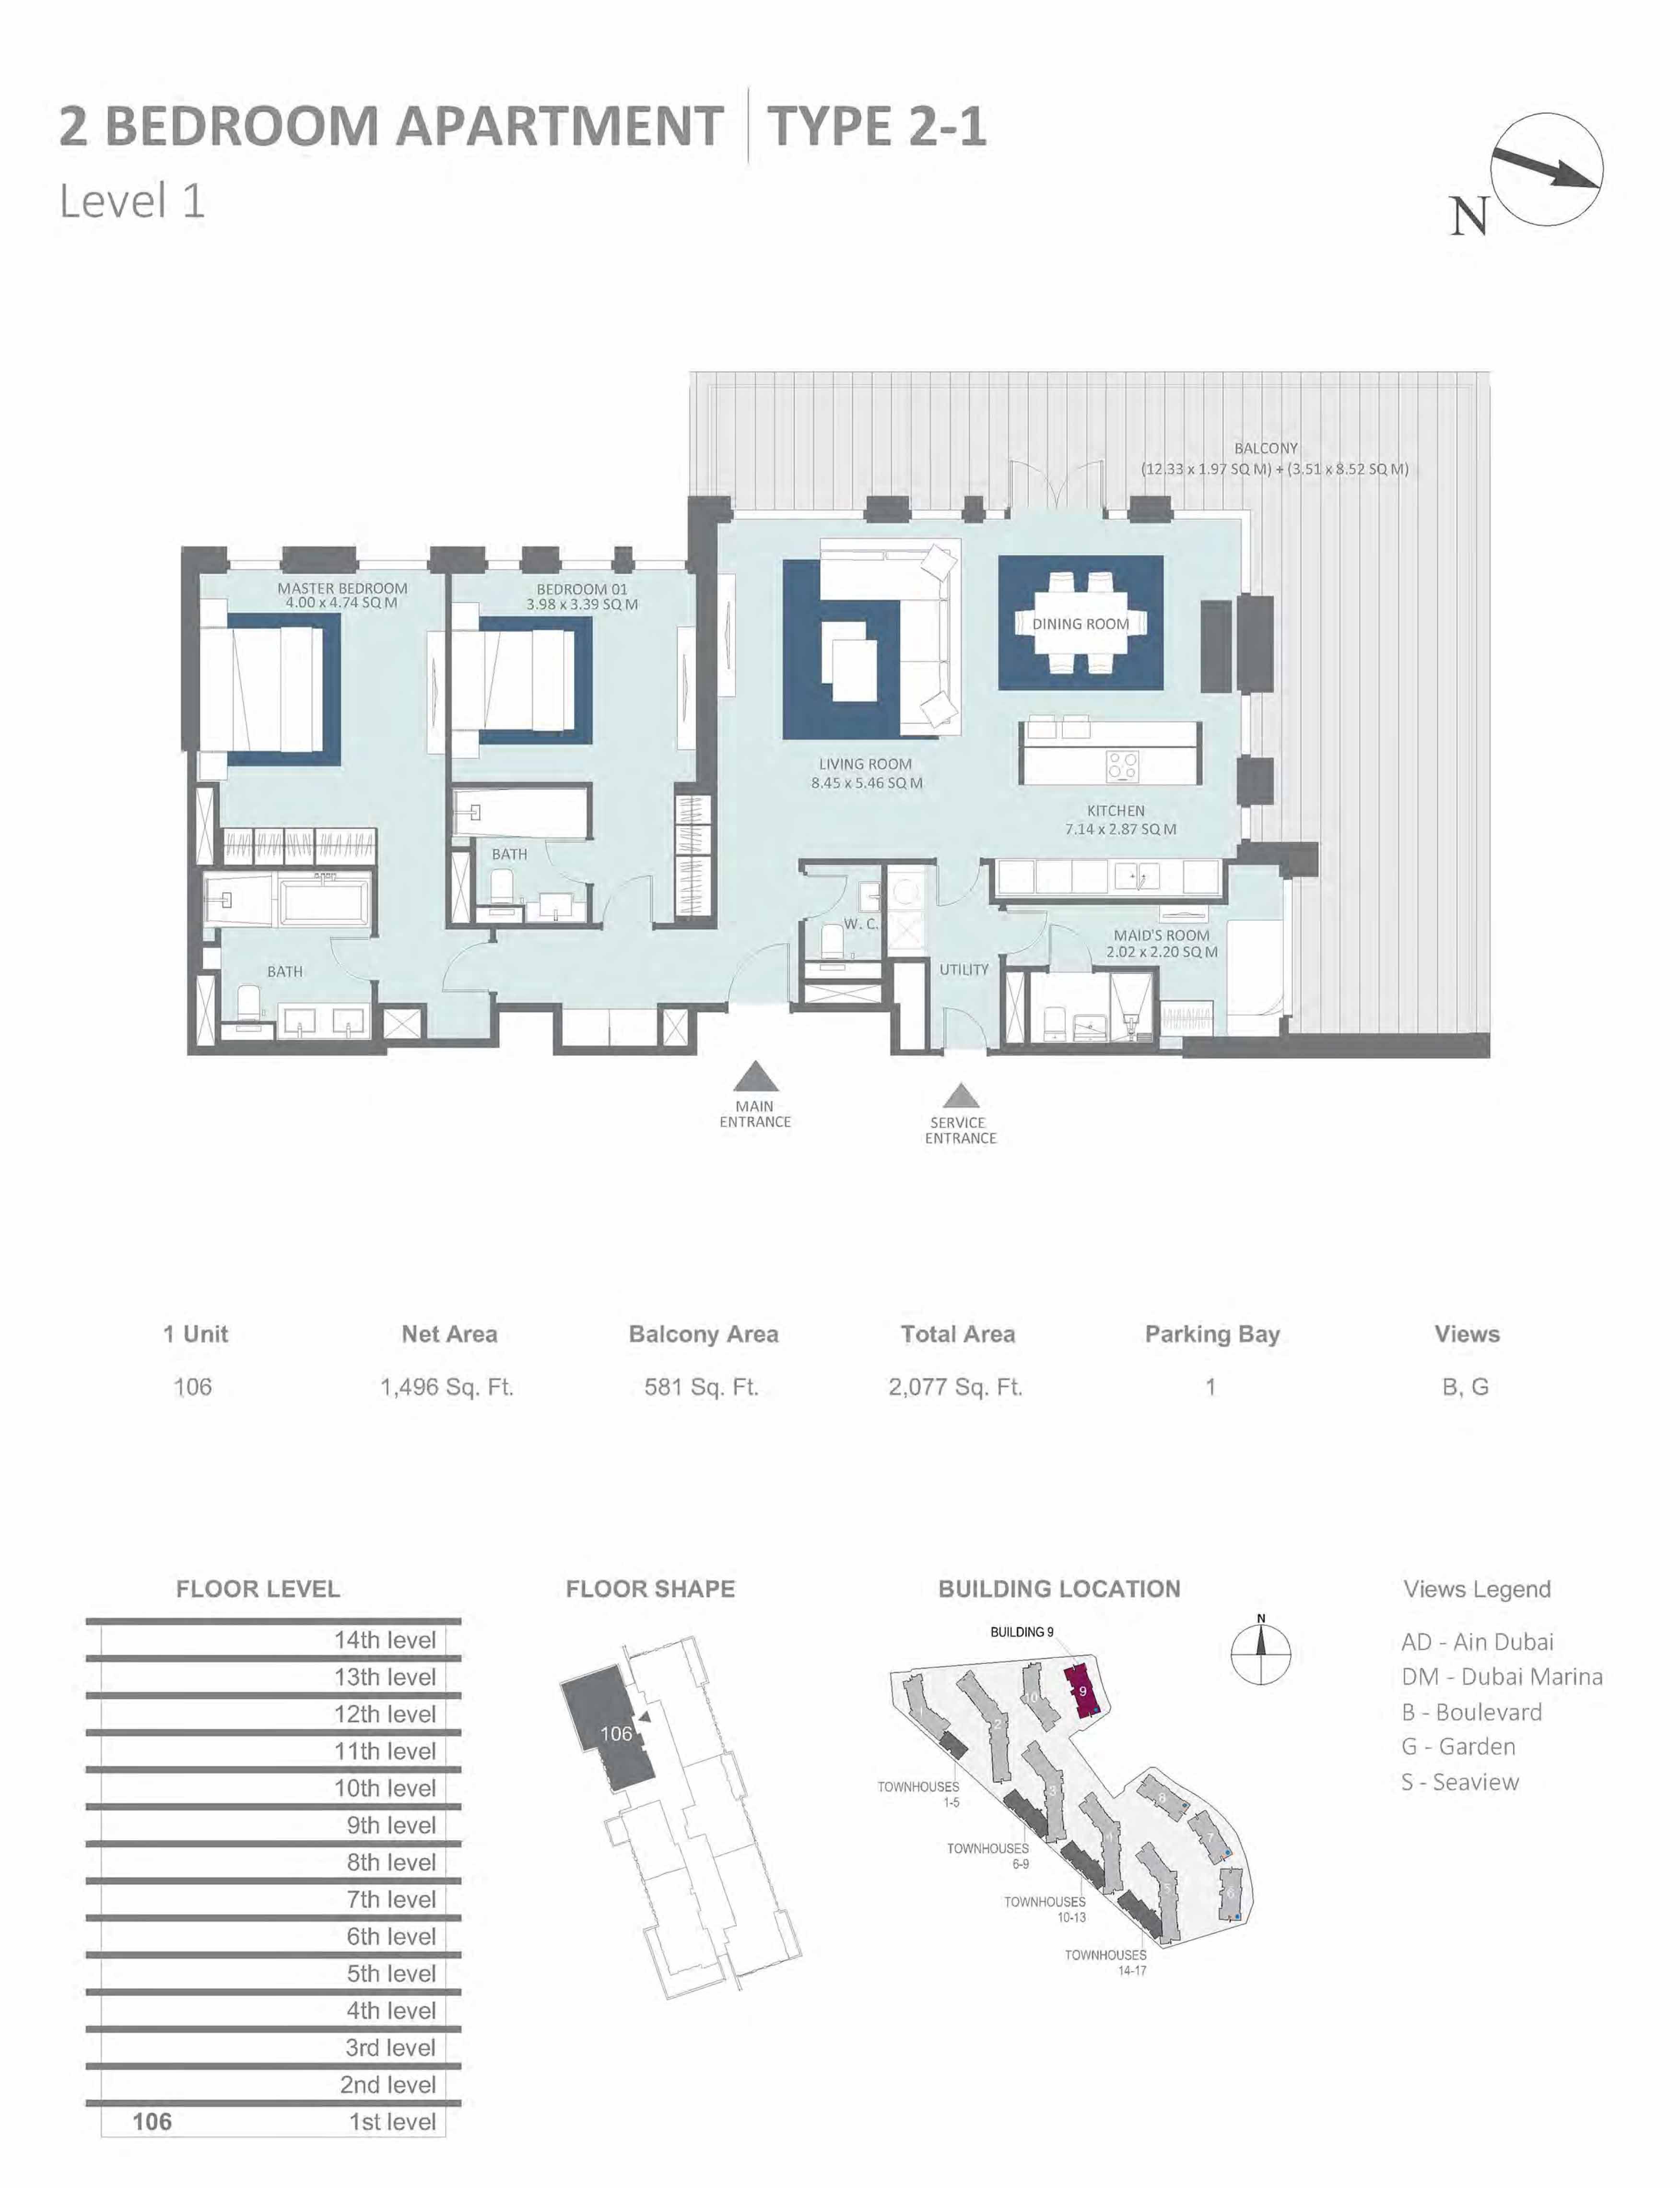 غرفتي نوم، نوع 2-1 ، المستوى 1، حجم 2077 قدم مربع